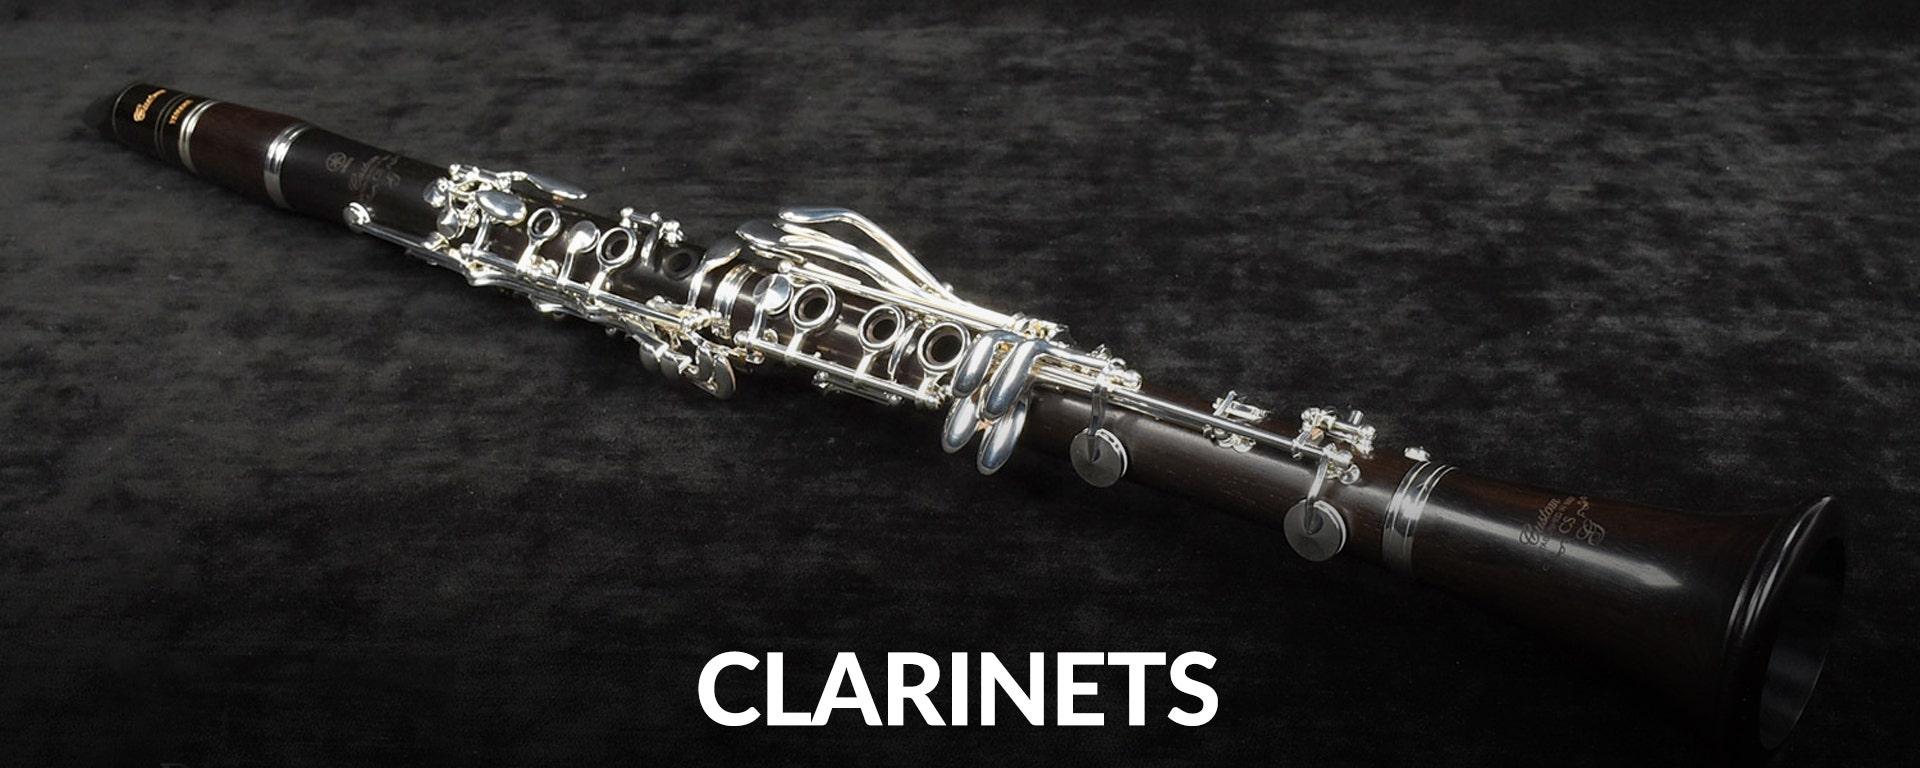 Shop Clarinets at SamAsh.com